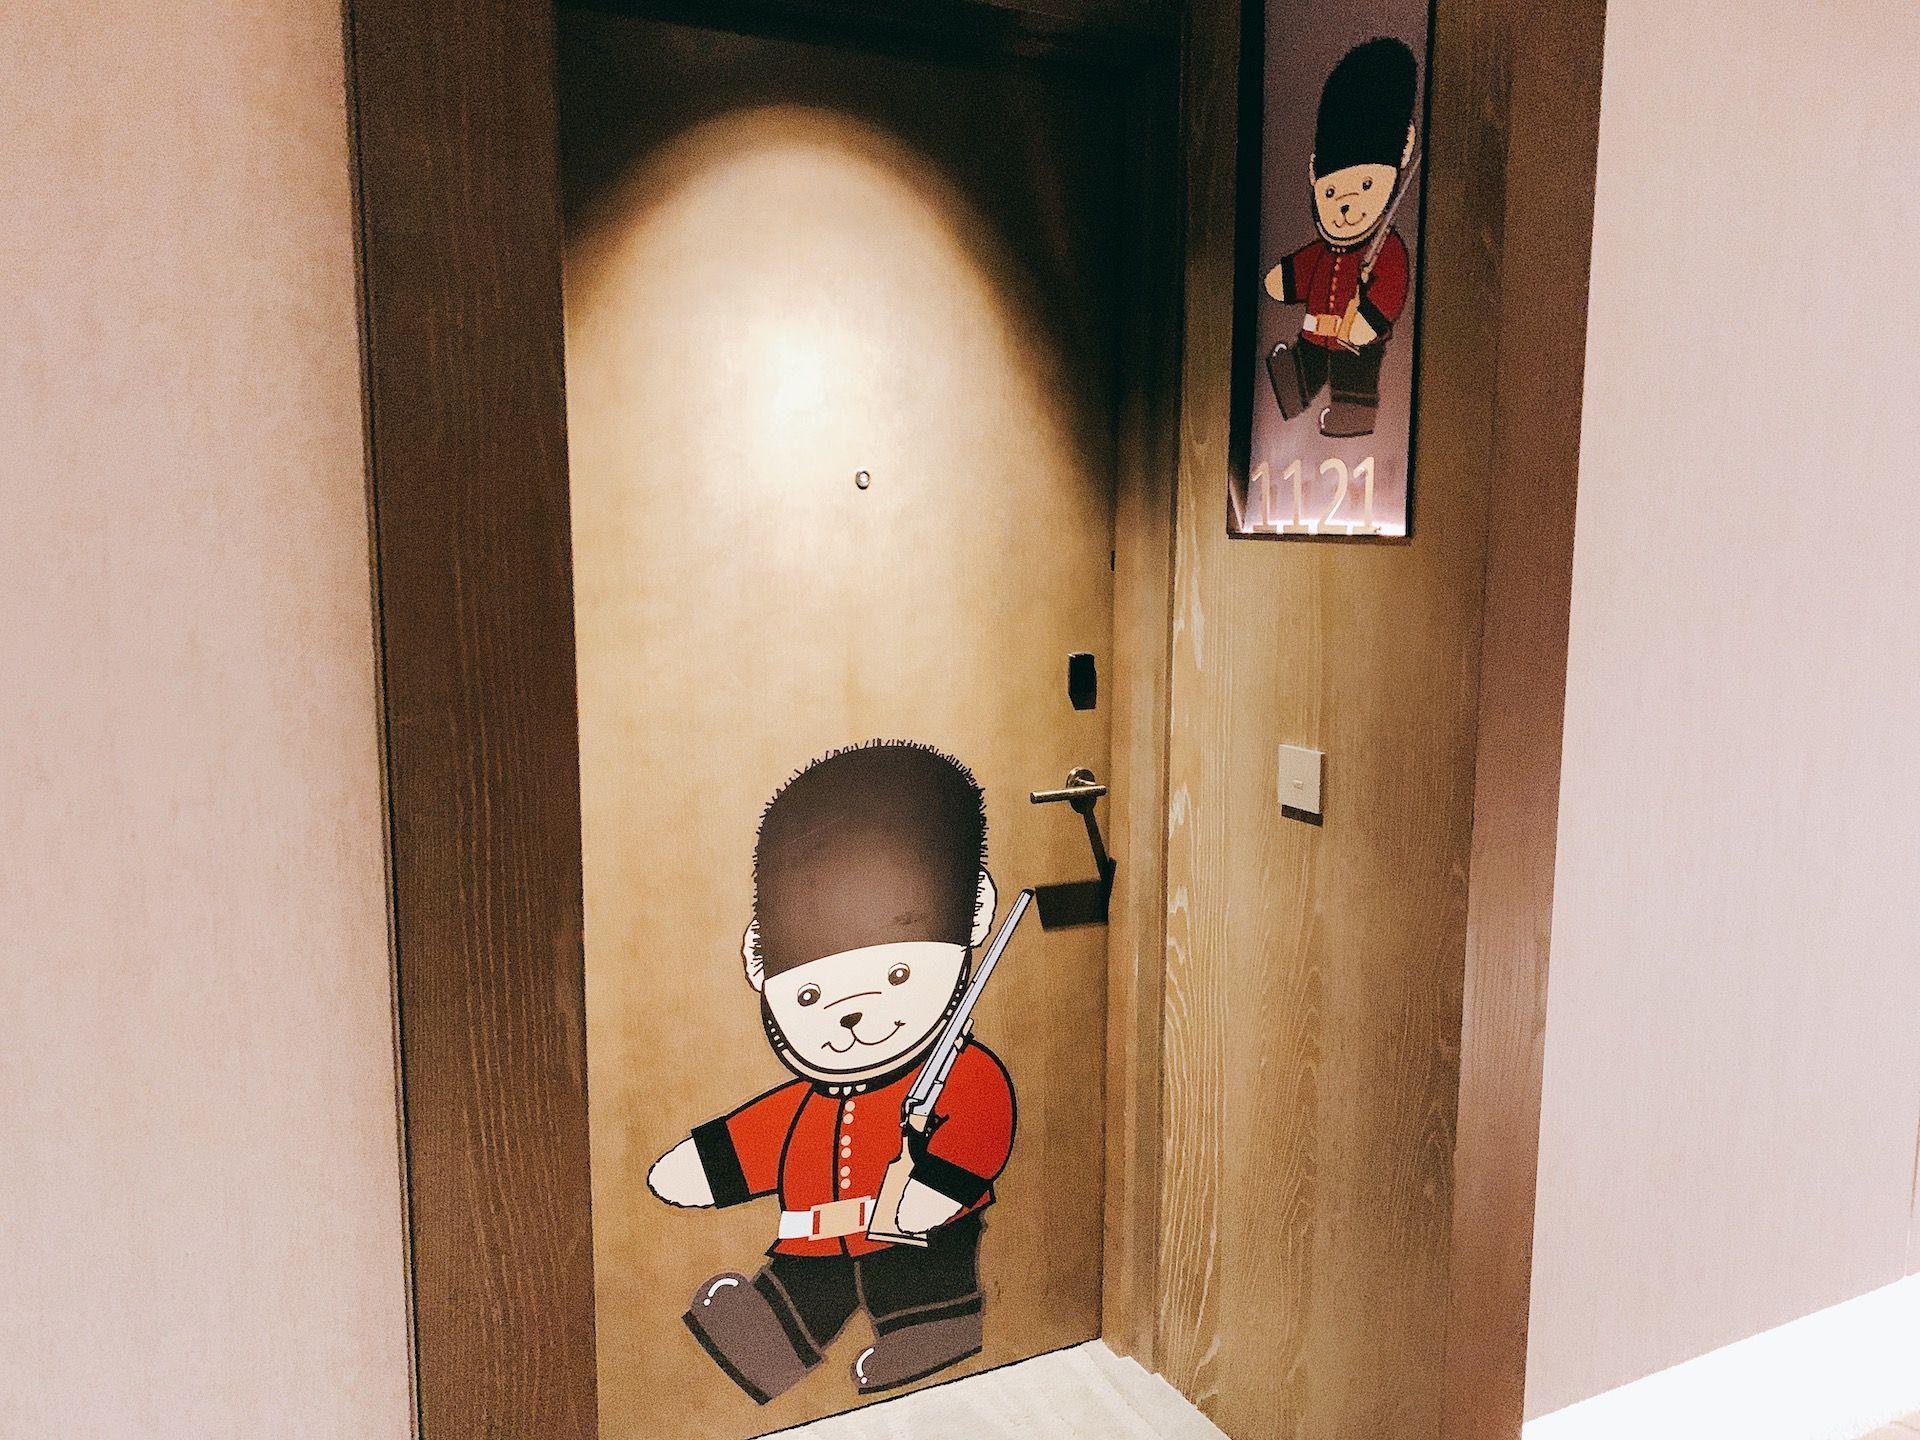 台南晶英,泰迪熊,泰迪熊主題房,台南住宿,Teddy Bear